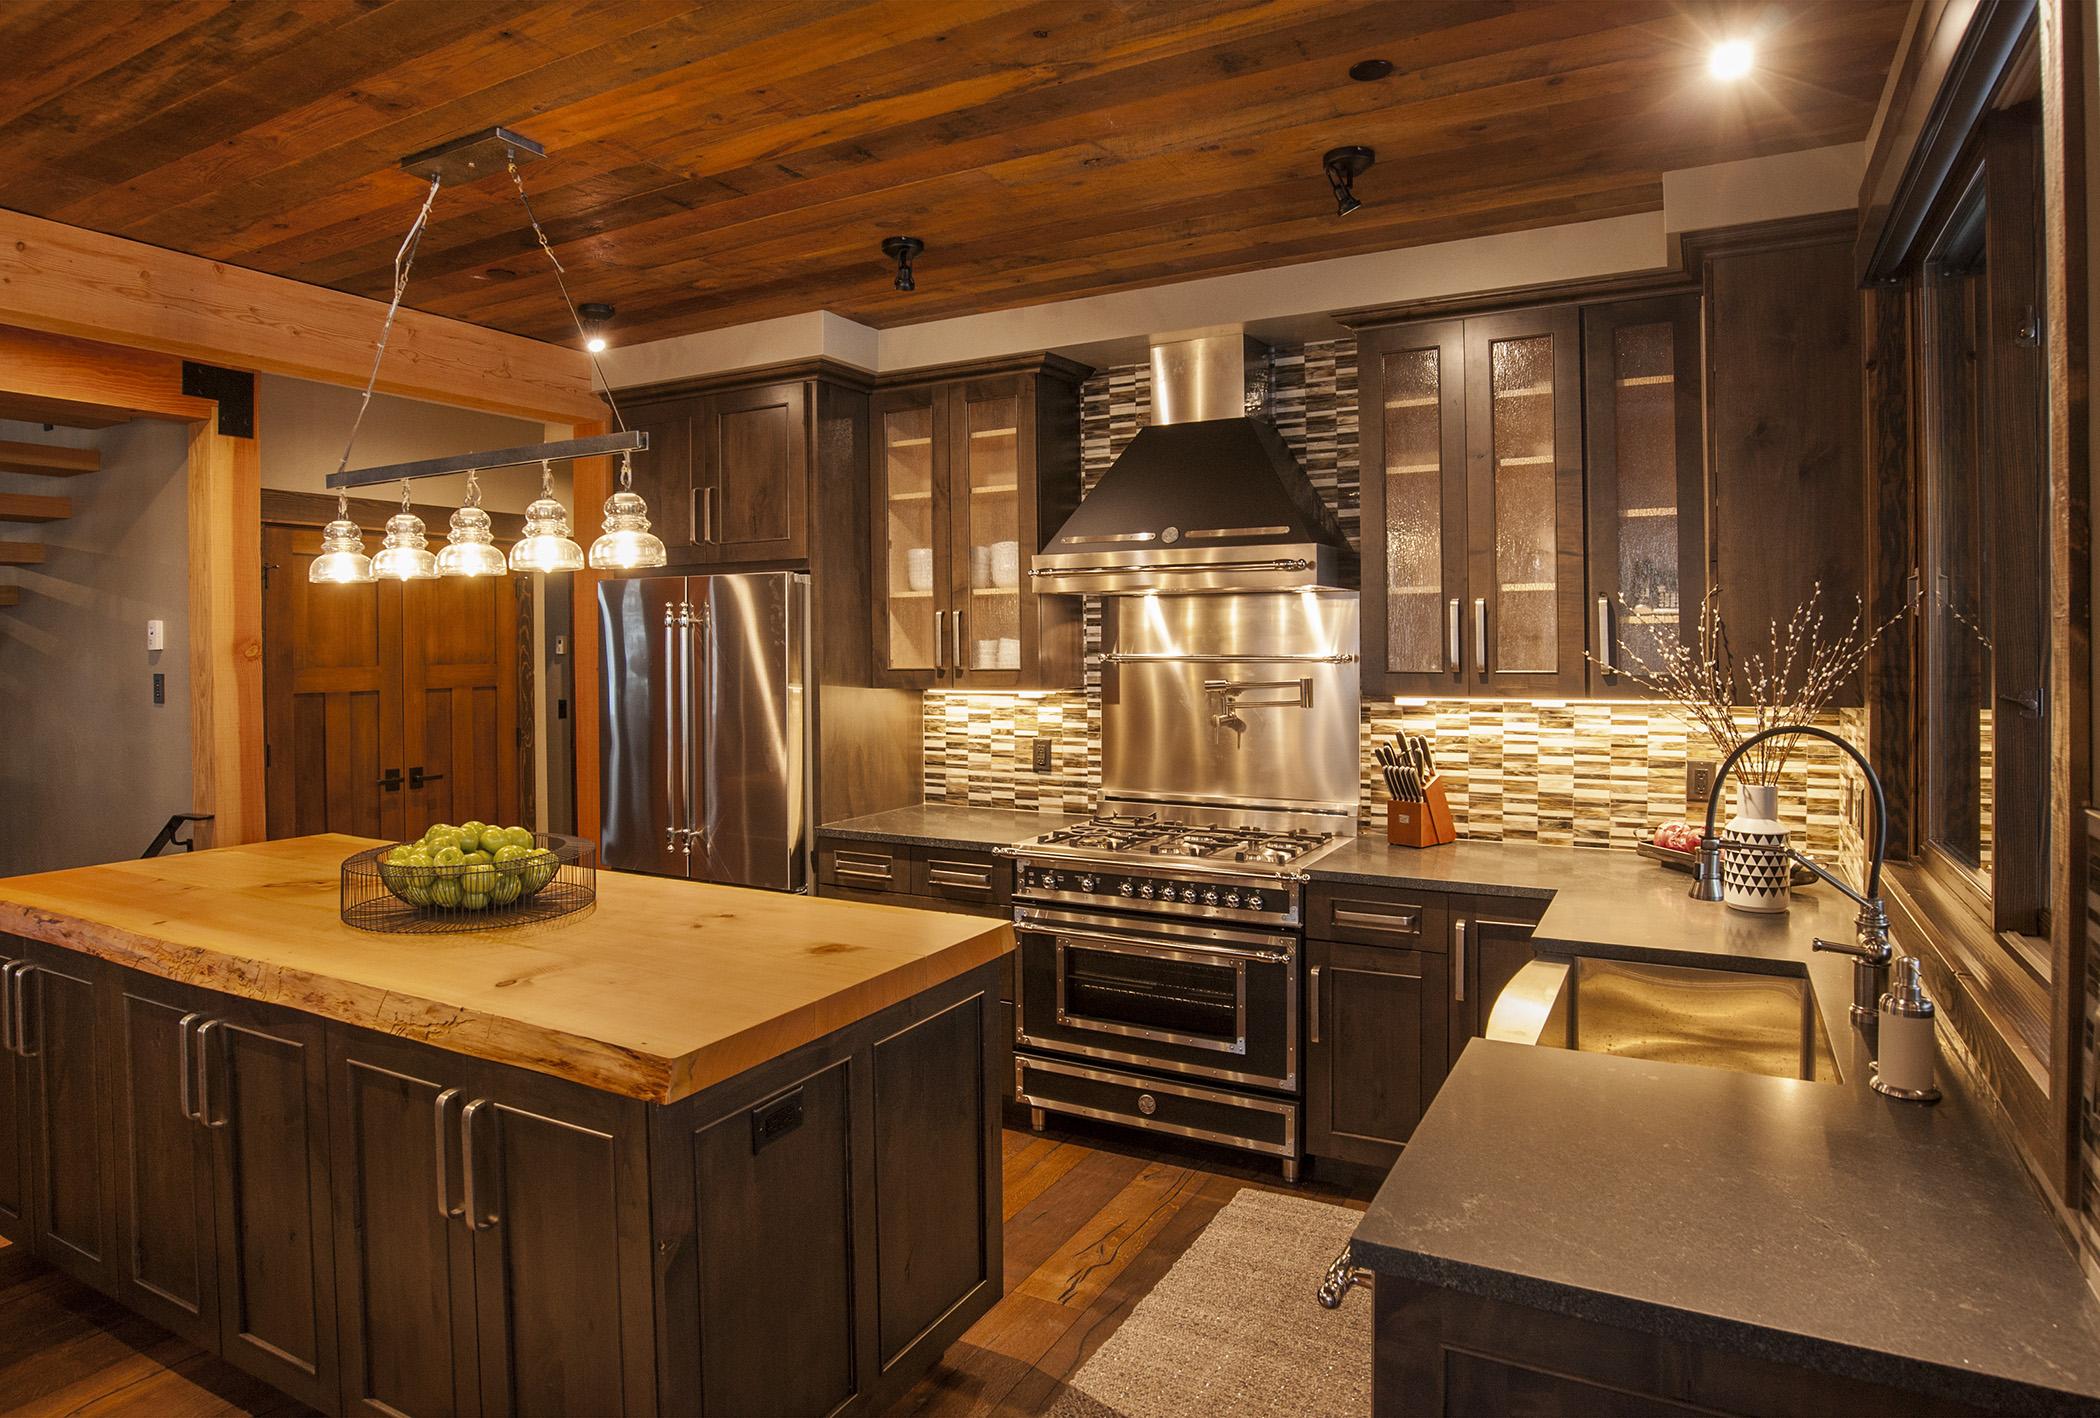 kitchen2 sm.jpg